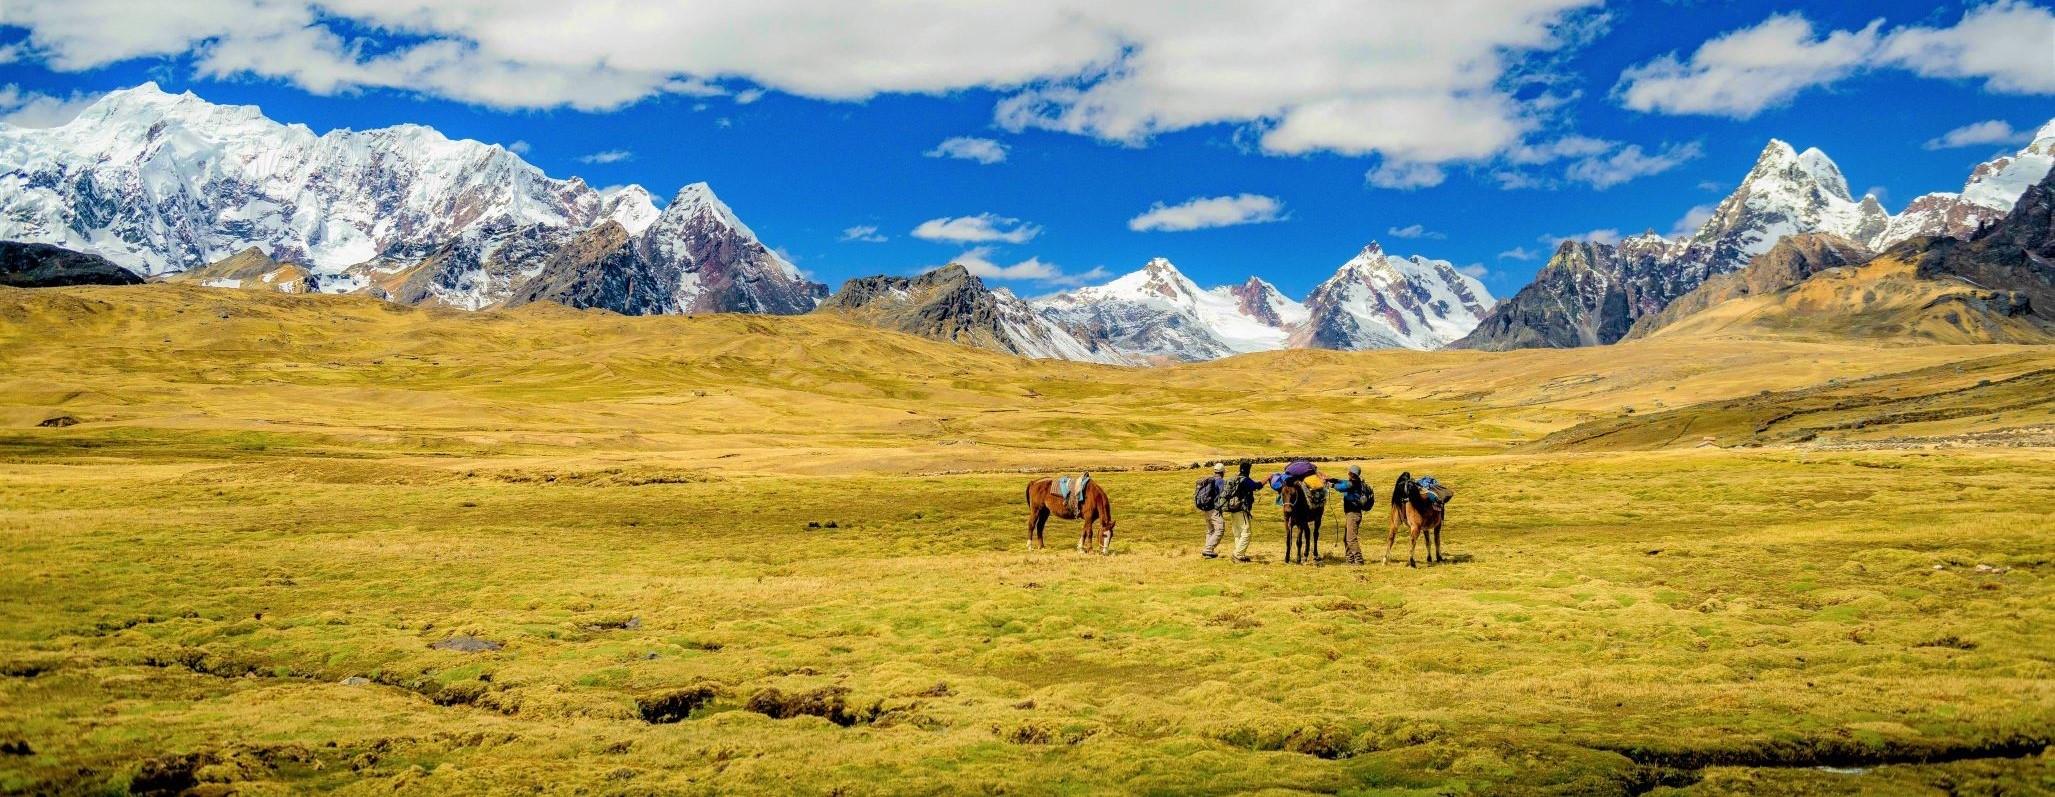 ペルー・アンデスの聖峰アウサンガテ山麓に広がる大草原を行く